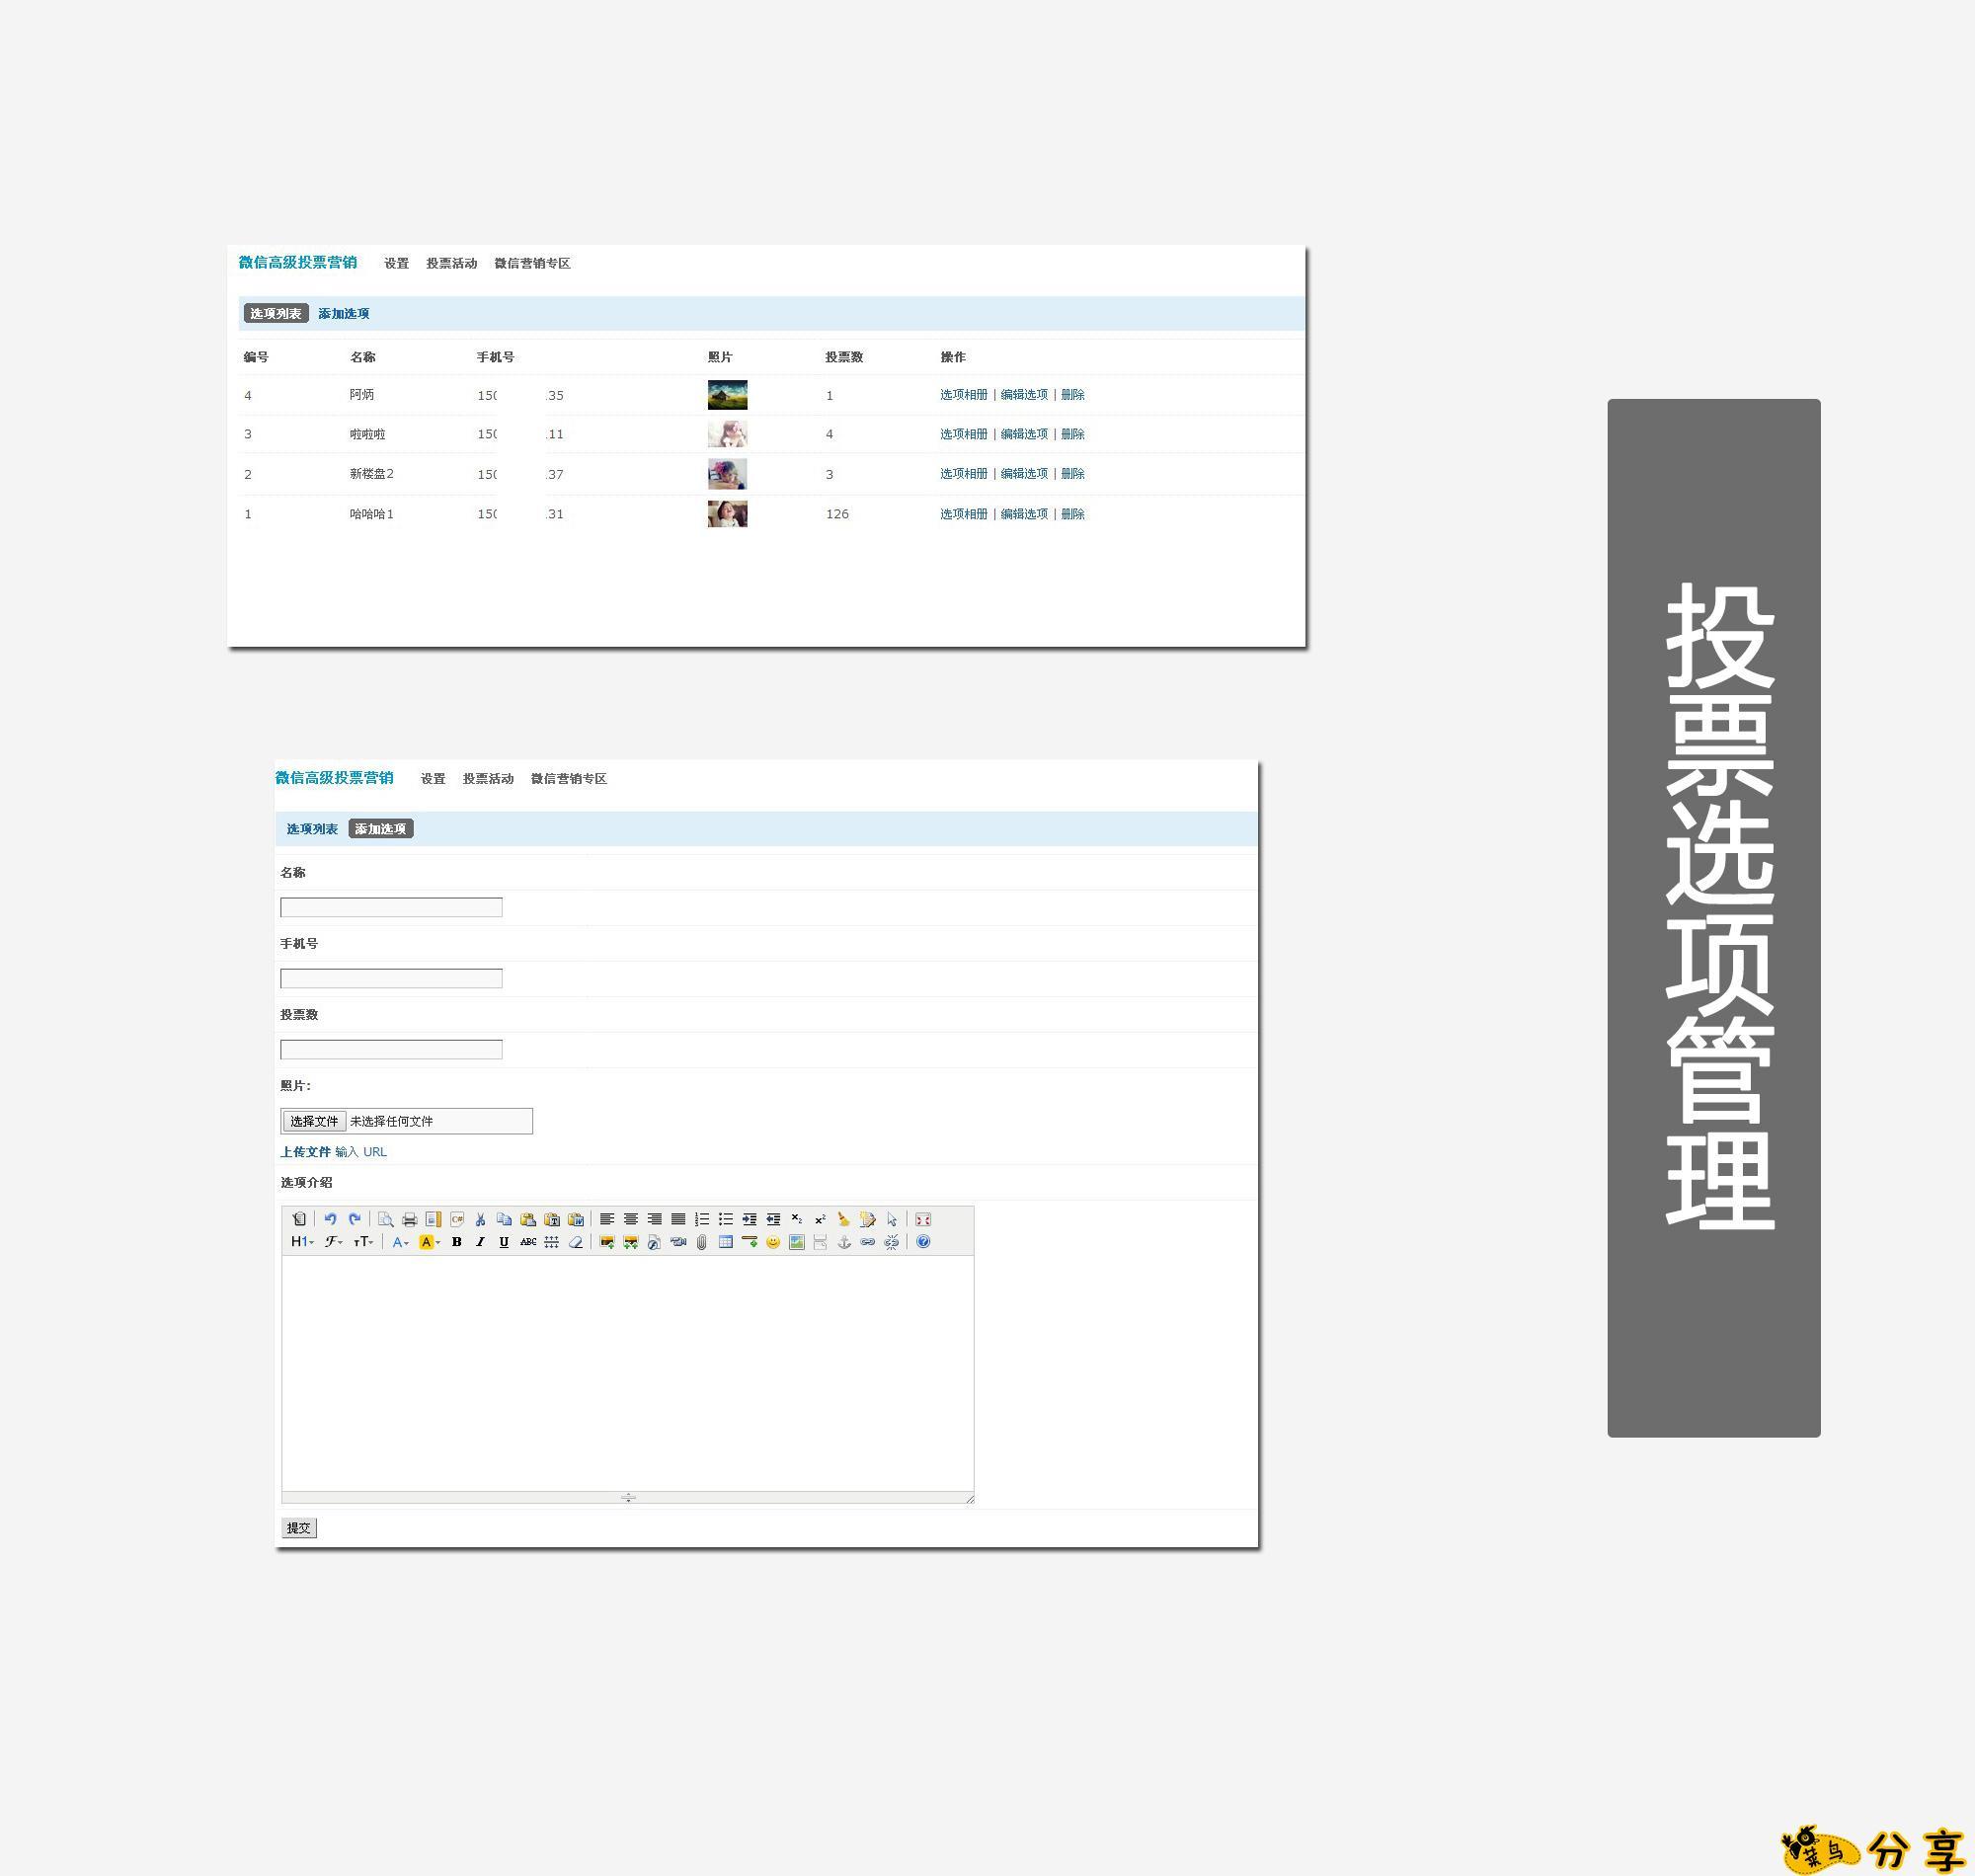 TOM 微信高级投票营销插件 6.1-Discuz商业插件第2张-菜鸟分享